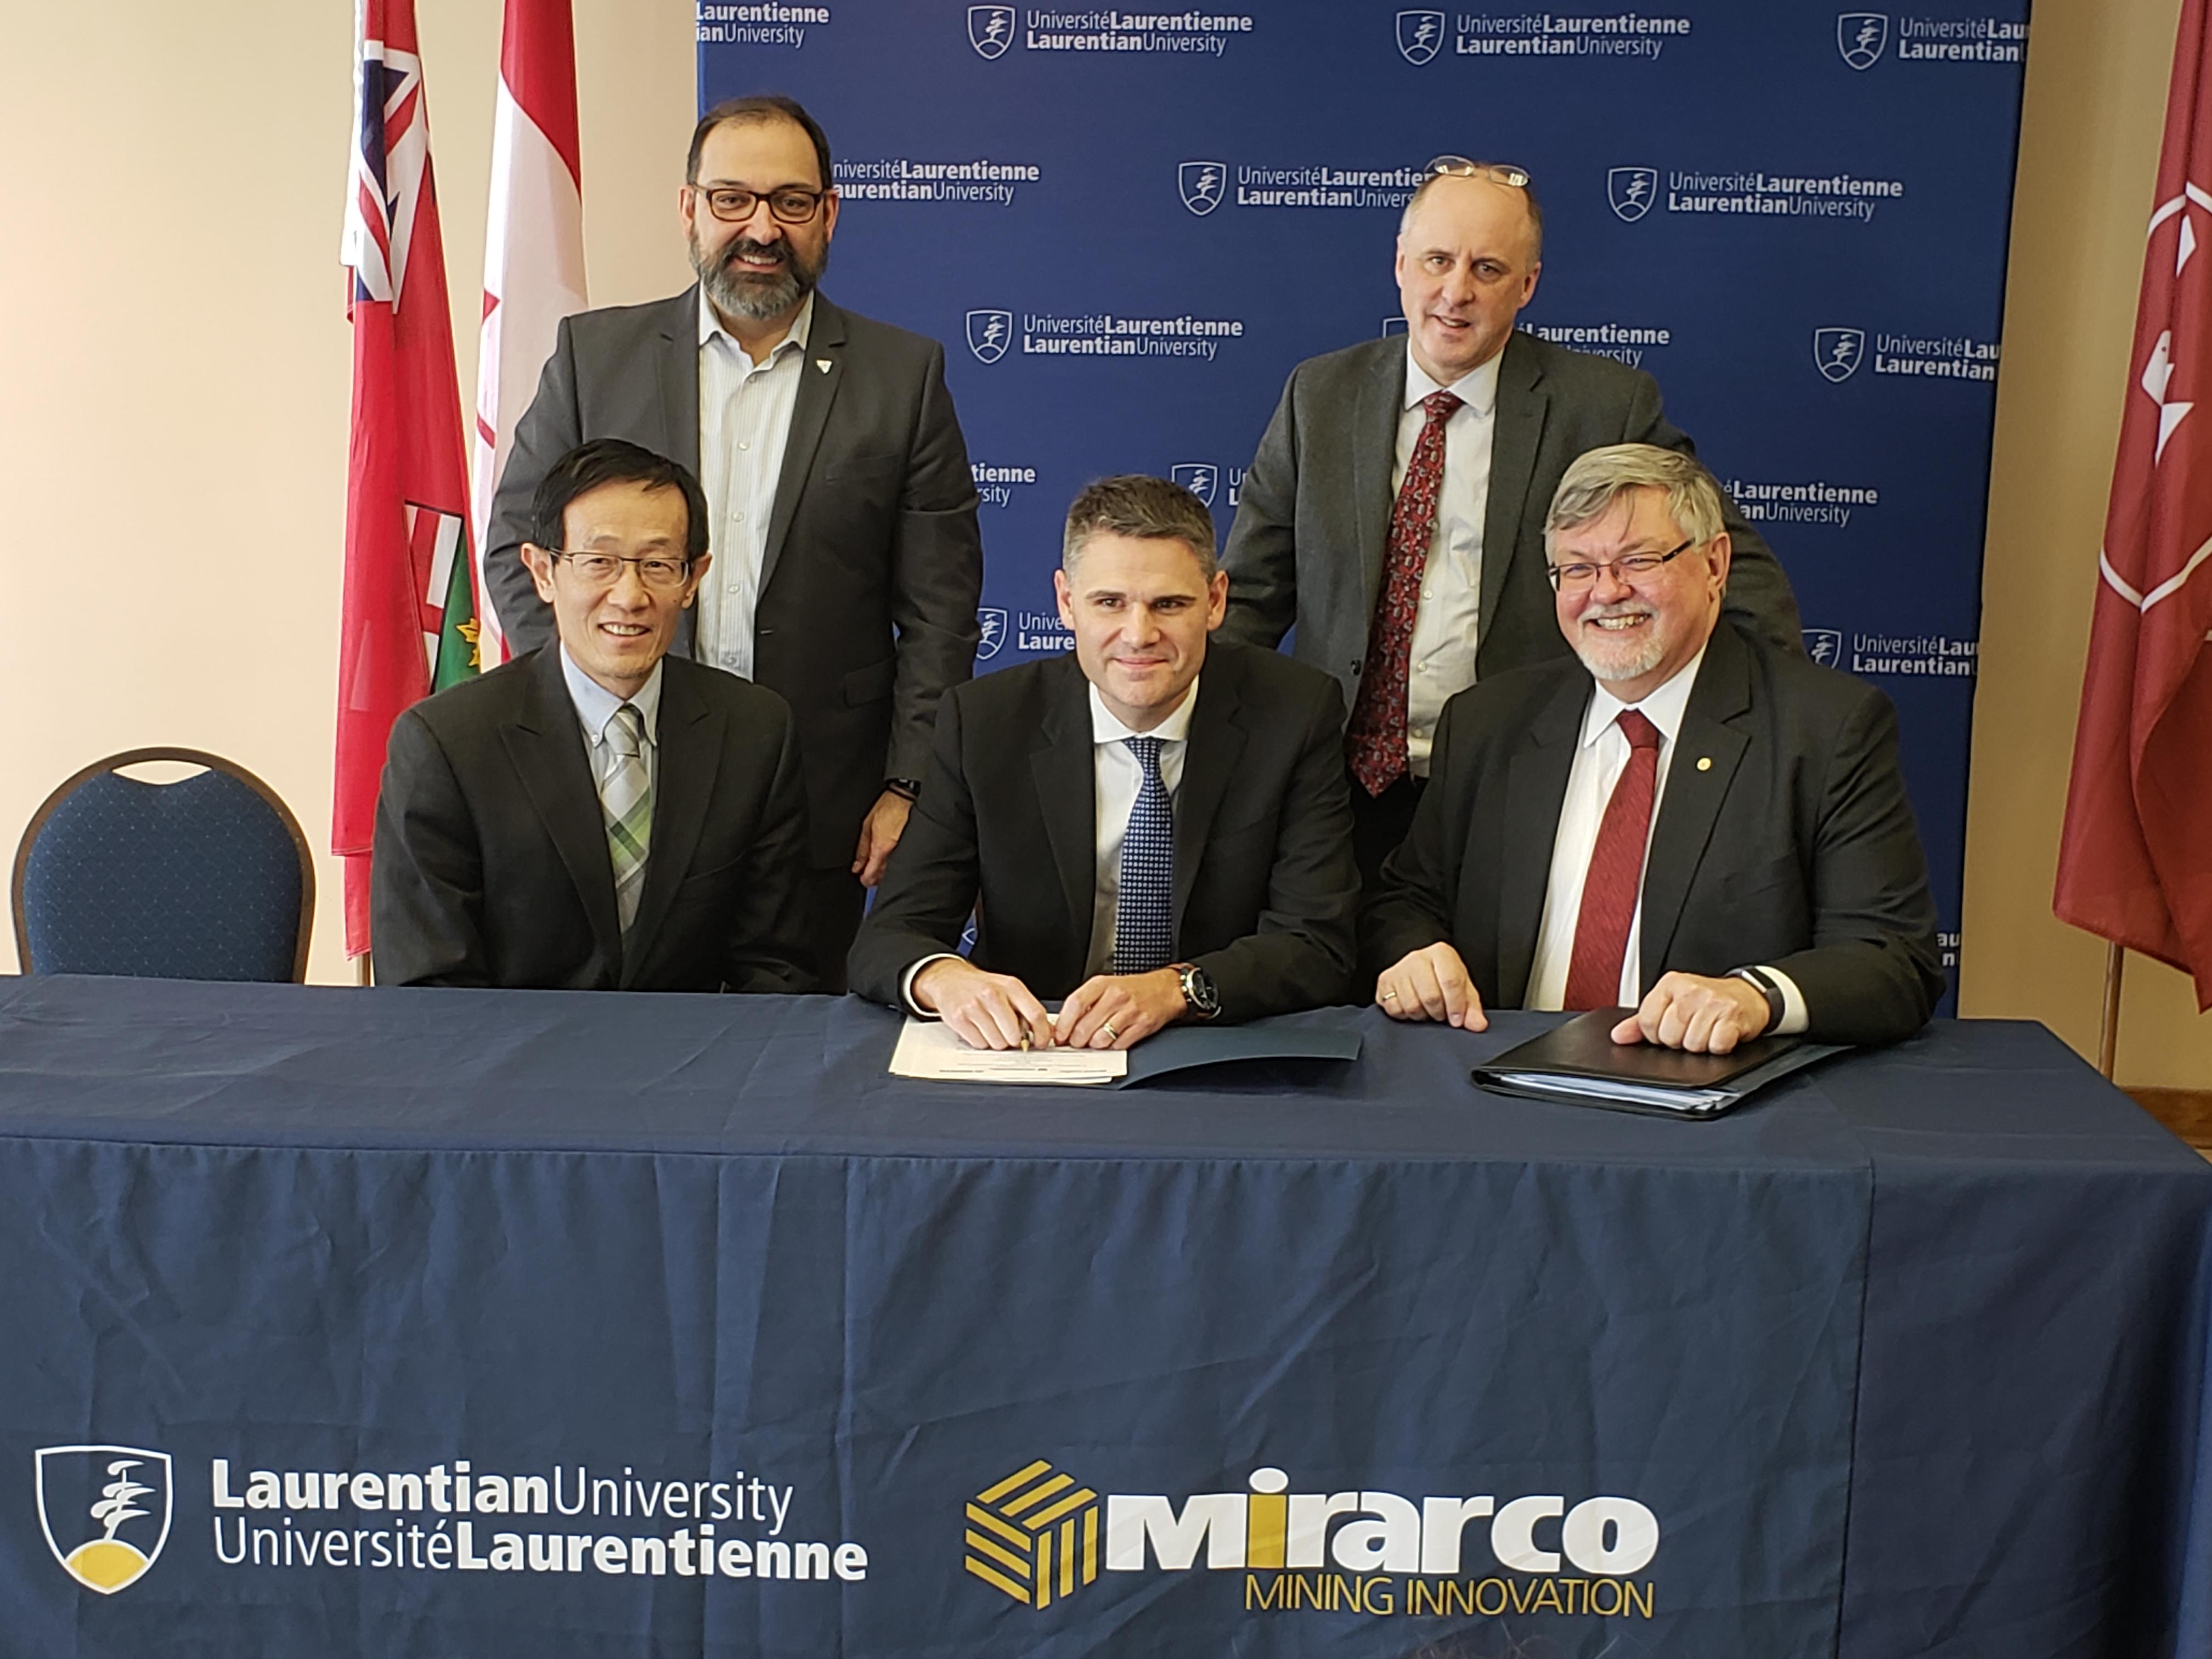 Dignitaries sign MOU at Laurentian University